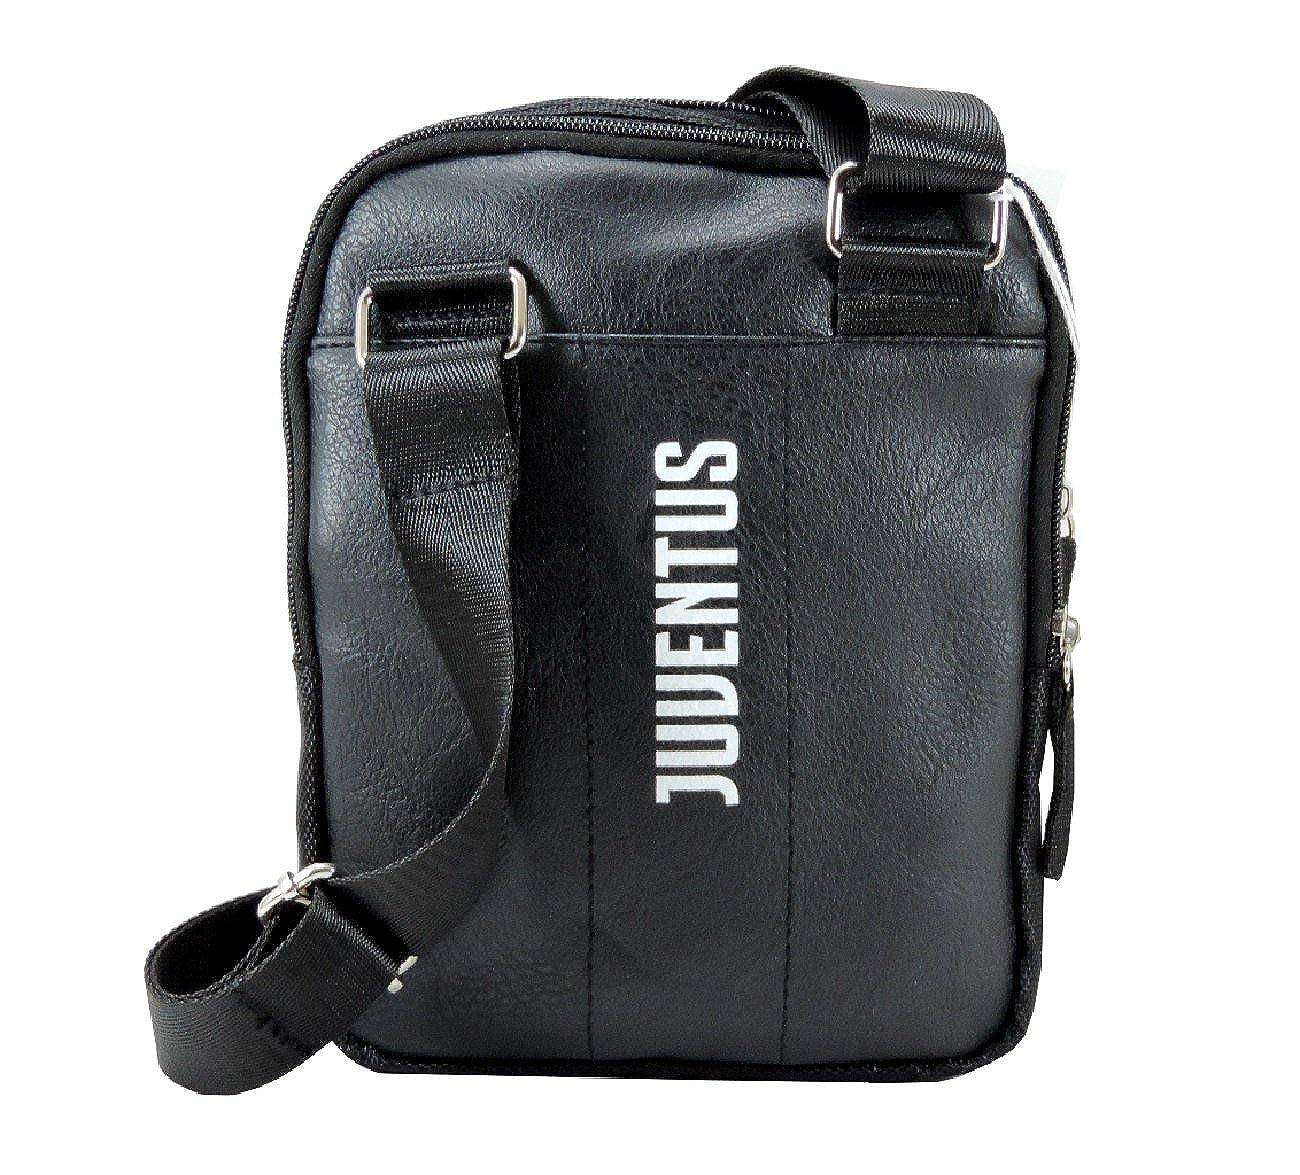 Borsello Tracolla Uomo JUVENTUS in Similpelle Multitasche Nuovo Logo  PRODOTTO UFFICIALE  Amazon.it  Scarpe e borse 470ca450671